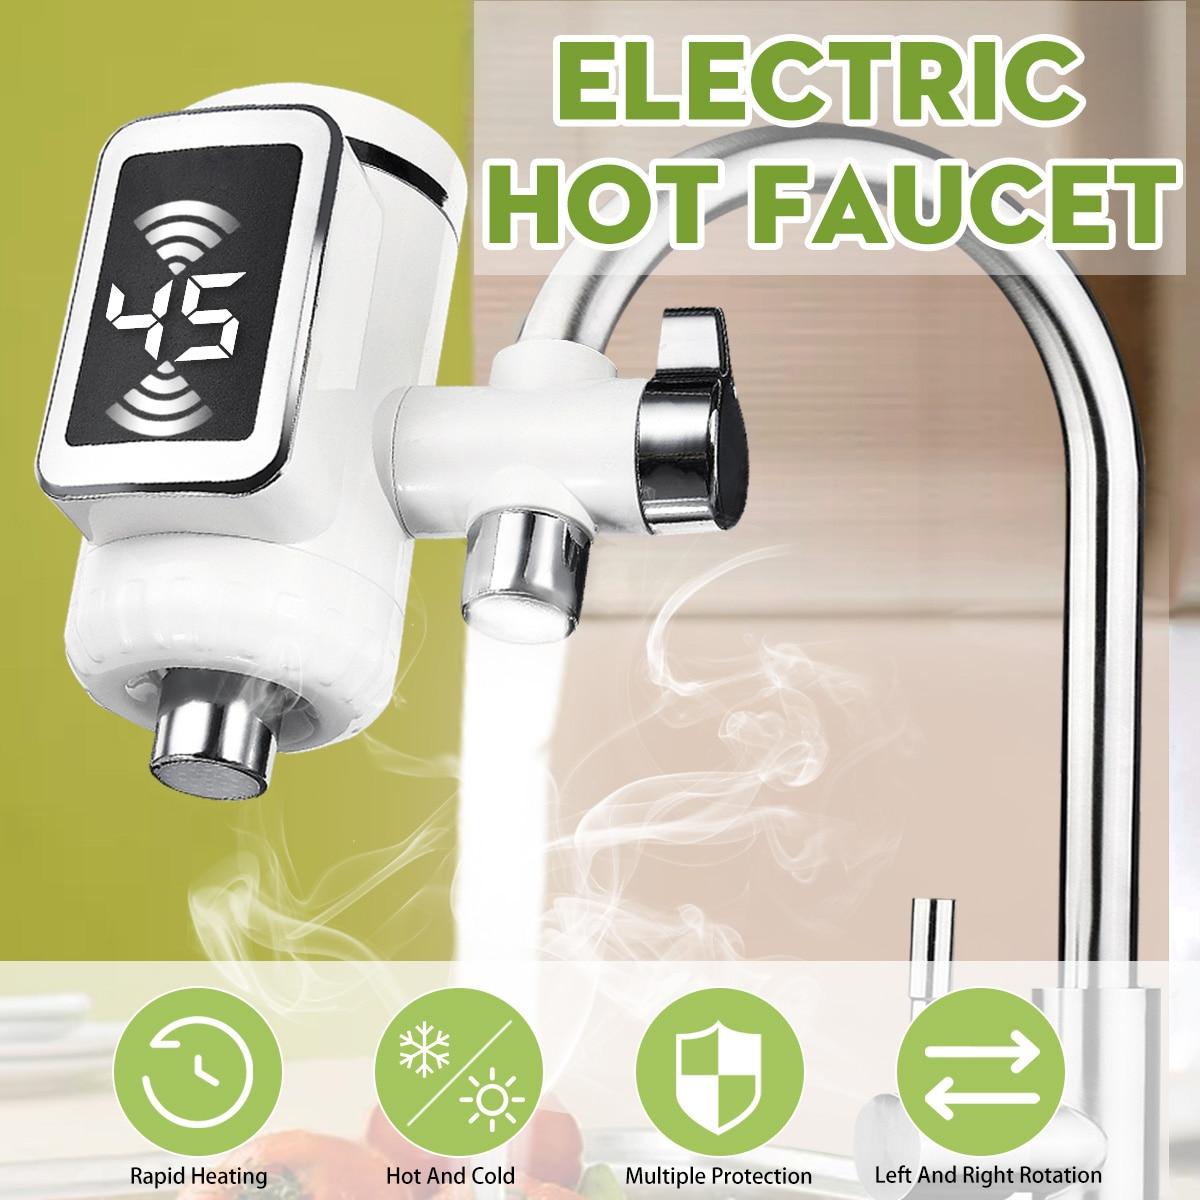 Robinet chaud électrique chauffe-eau cuisine chauffage froid robinet sans réservoir numérique instantané chauffe-eau robinet d'eau avec adaptateur